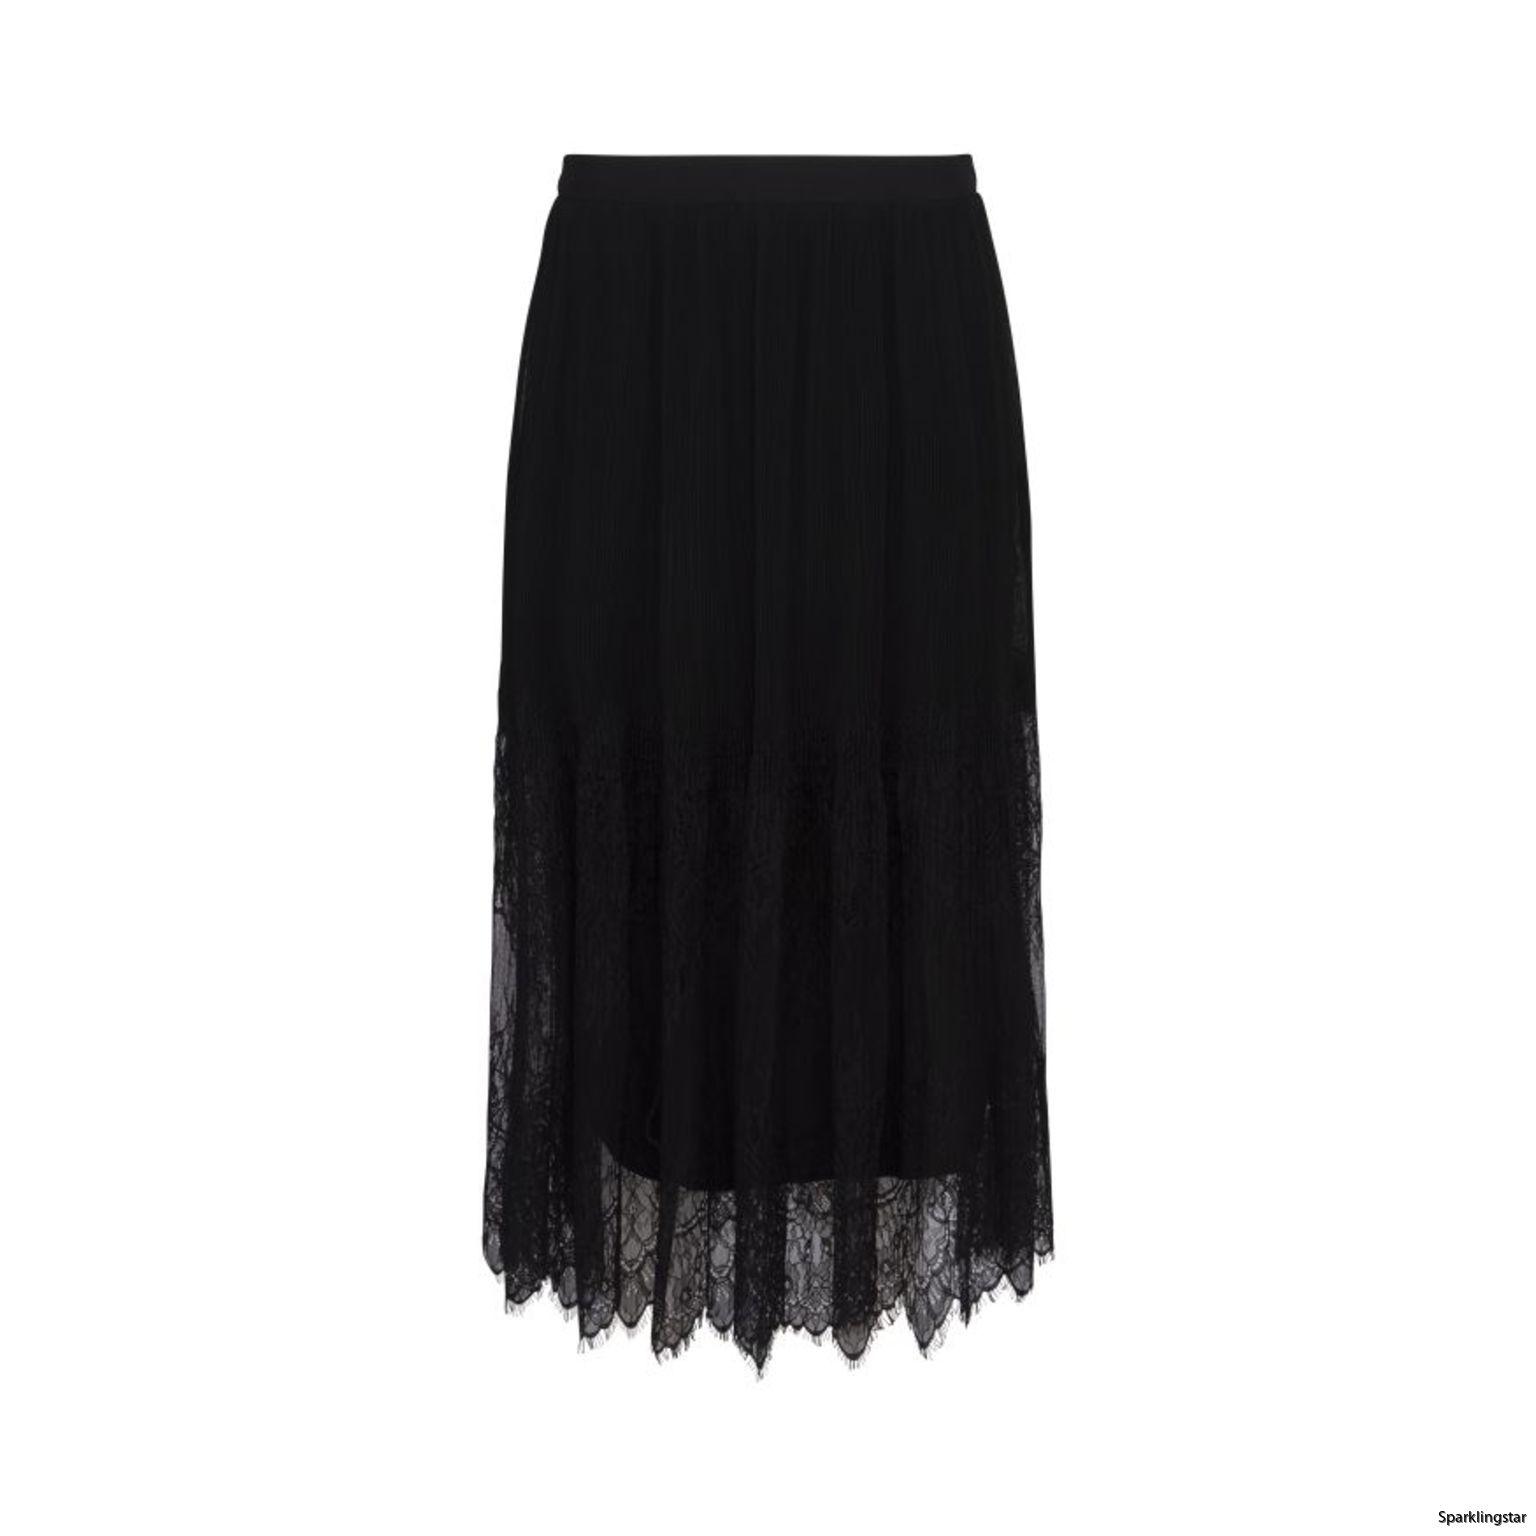 Sofie Schnoor Malia Skirt